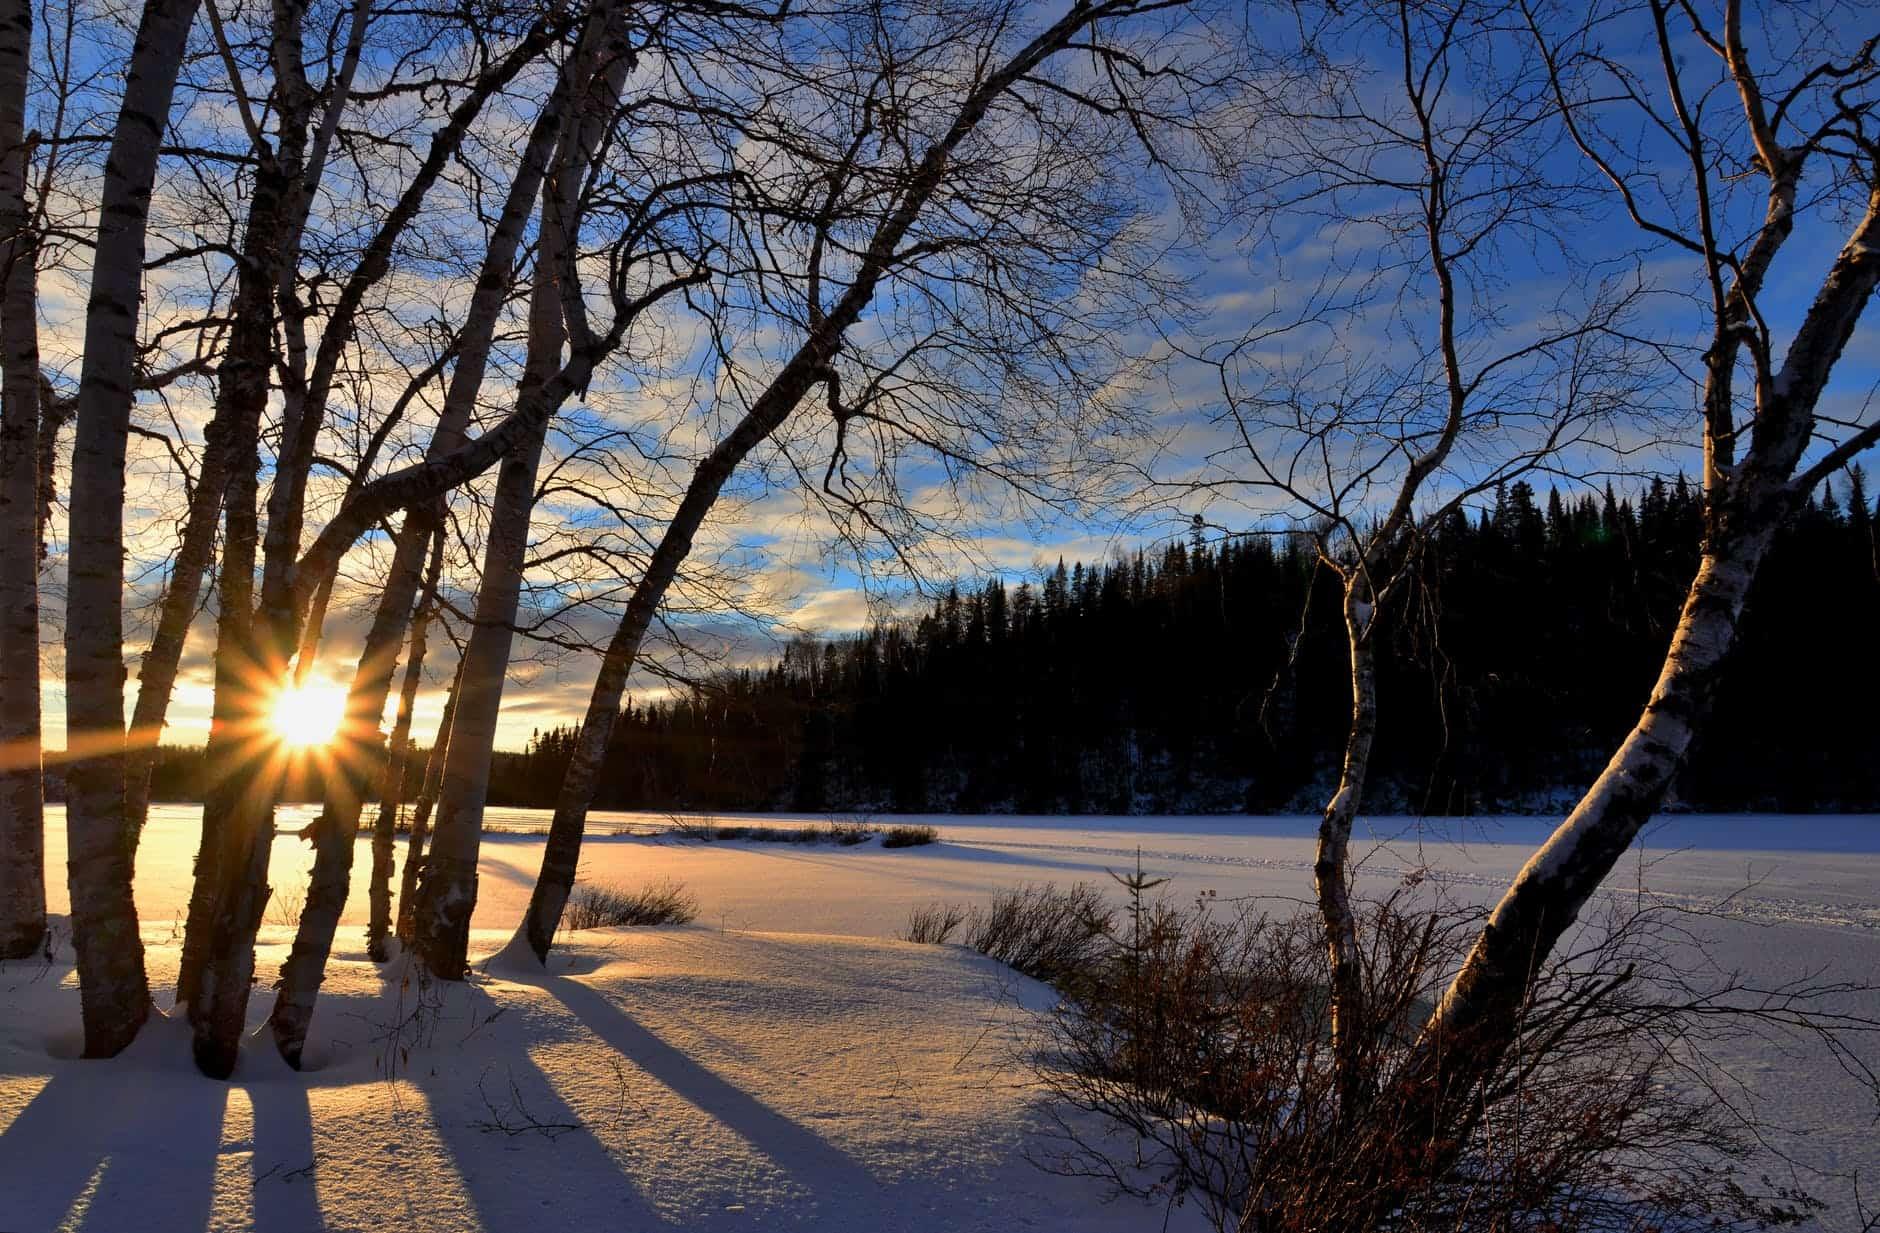 Zonlicht in winterlandschap